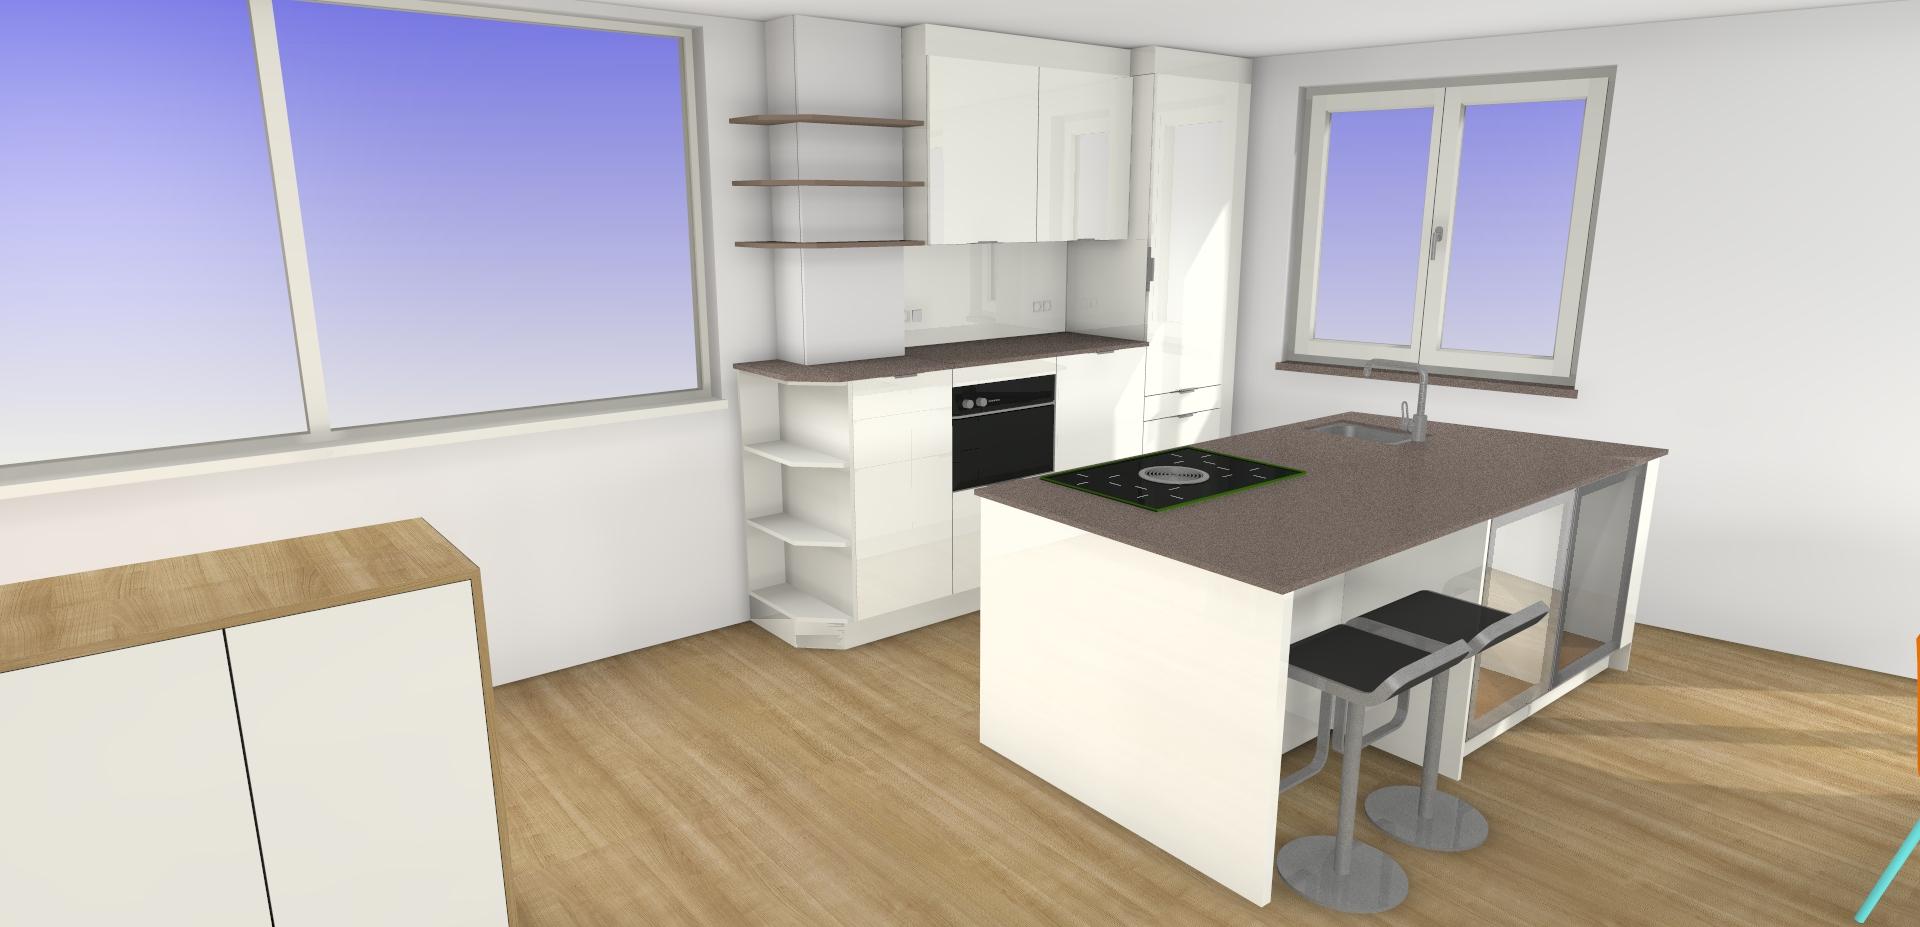 Küchenplanung, individuell, persönlich - Taxer Einrichten ...